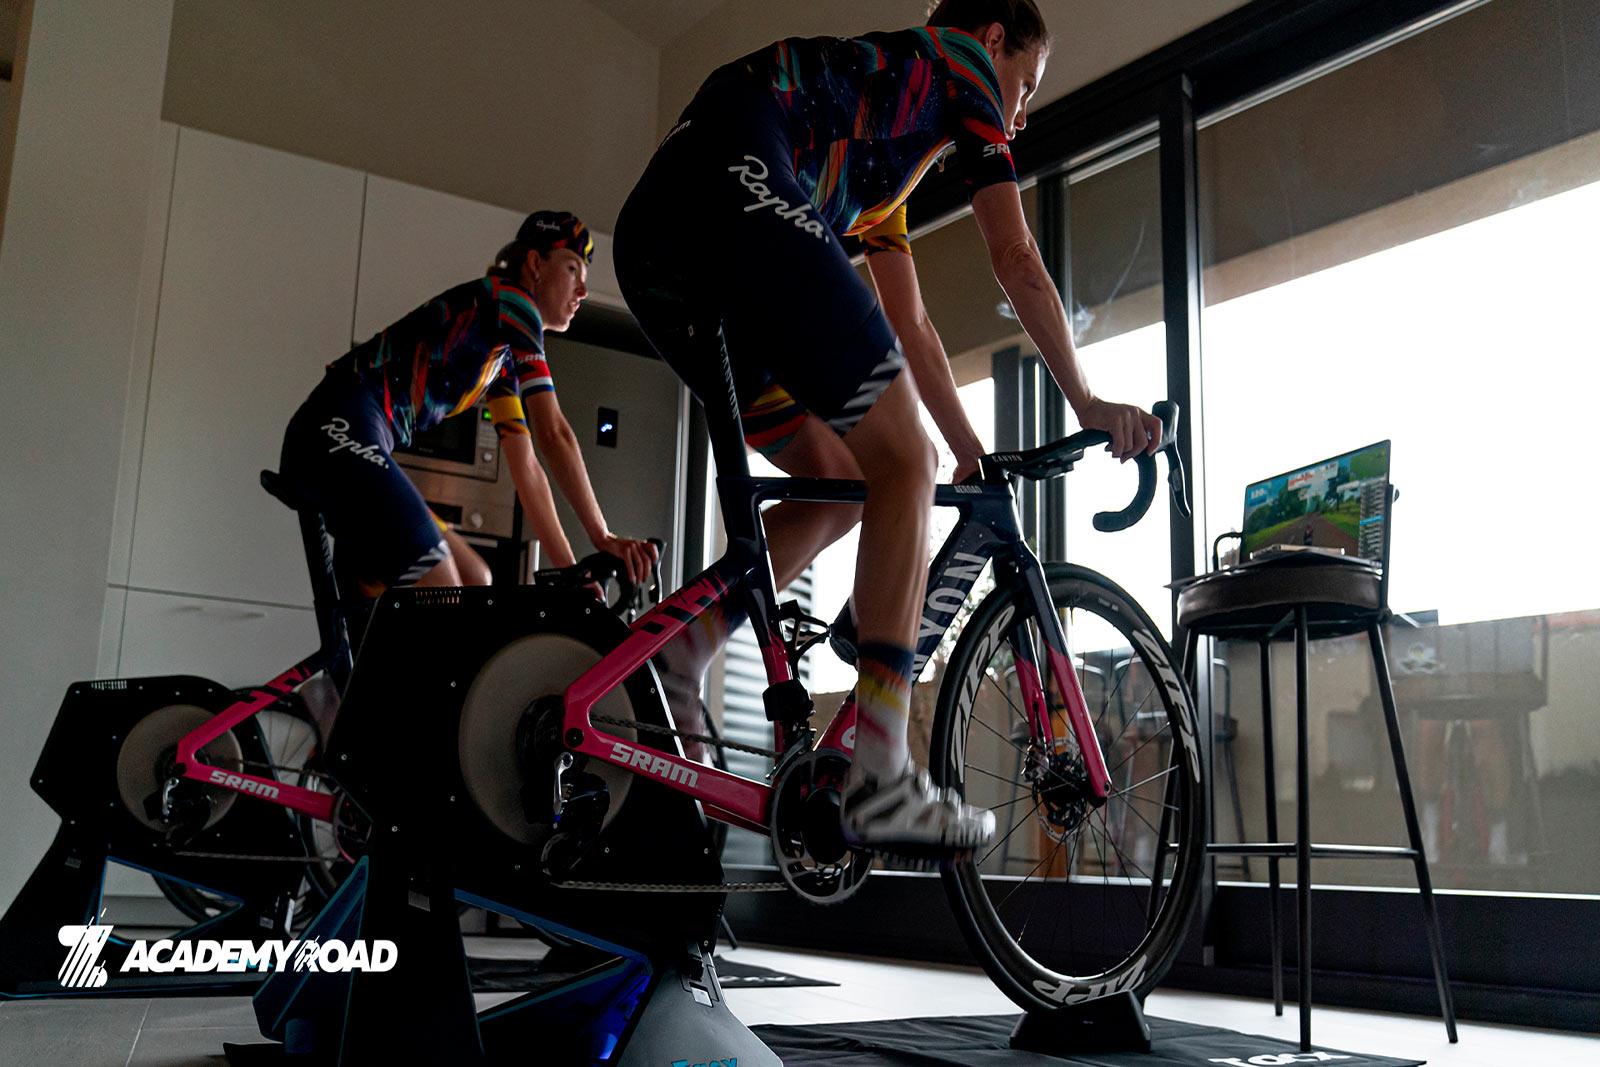 Zwift Academy riders in SRAM gear